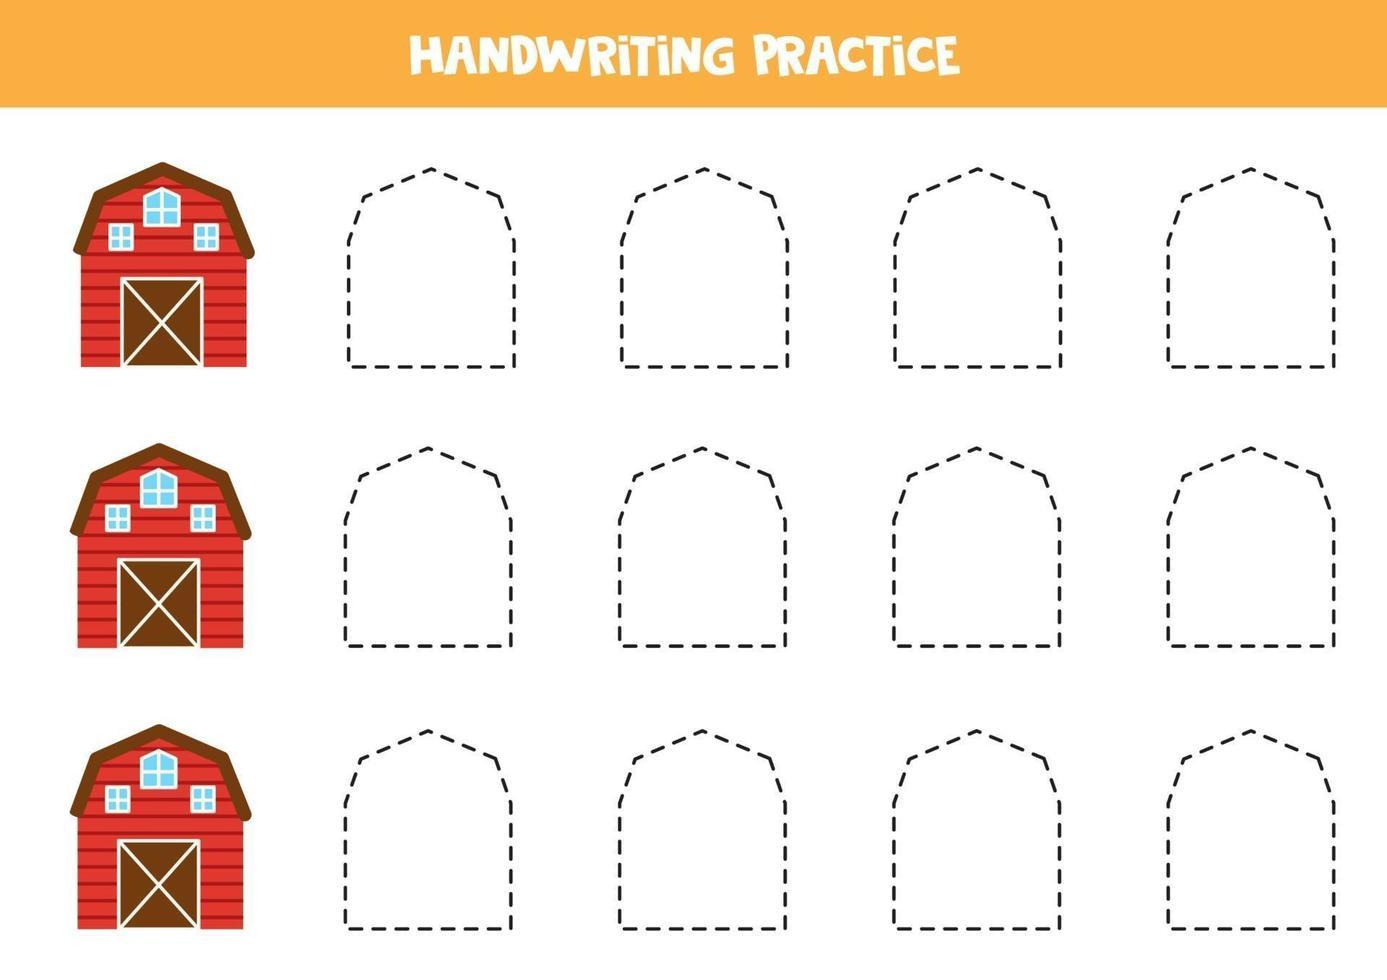 tracez les lignes avec grange. pratique de l'écriture. vecteur